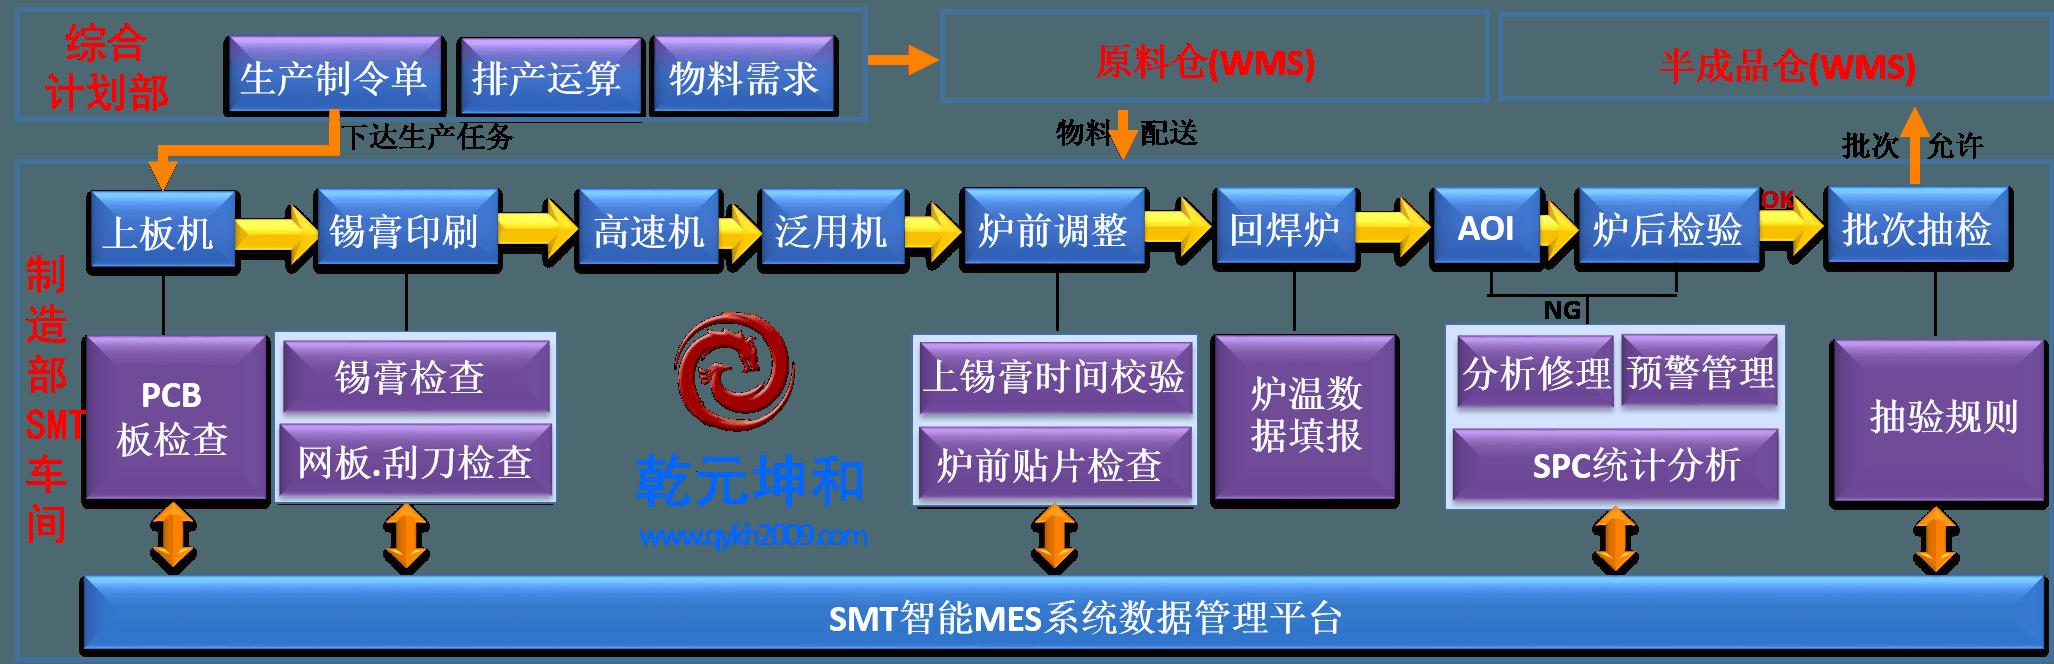 电子组装智能MES系统